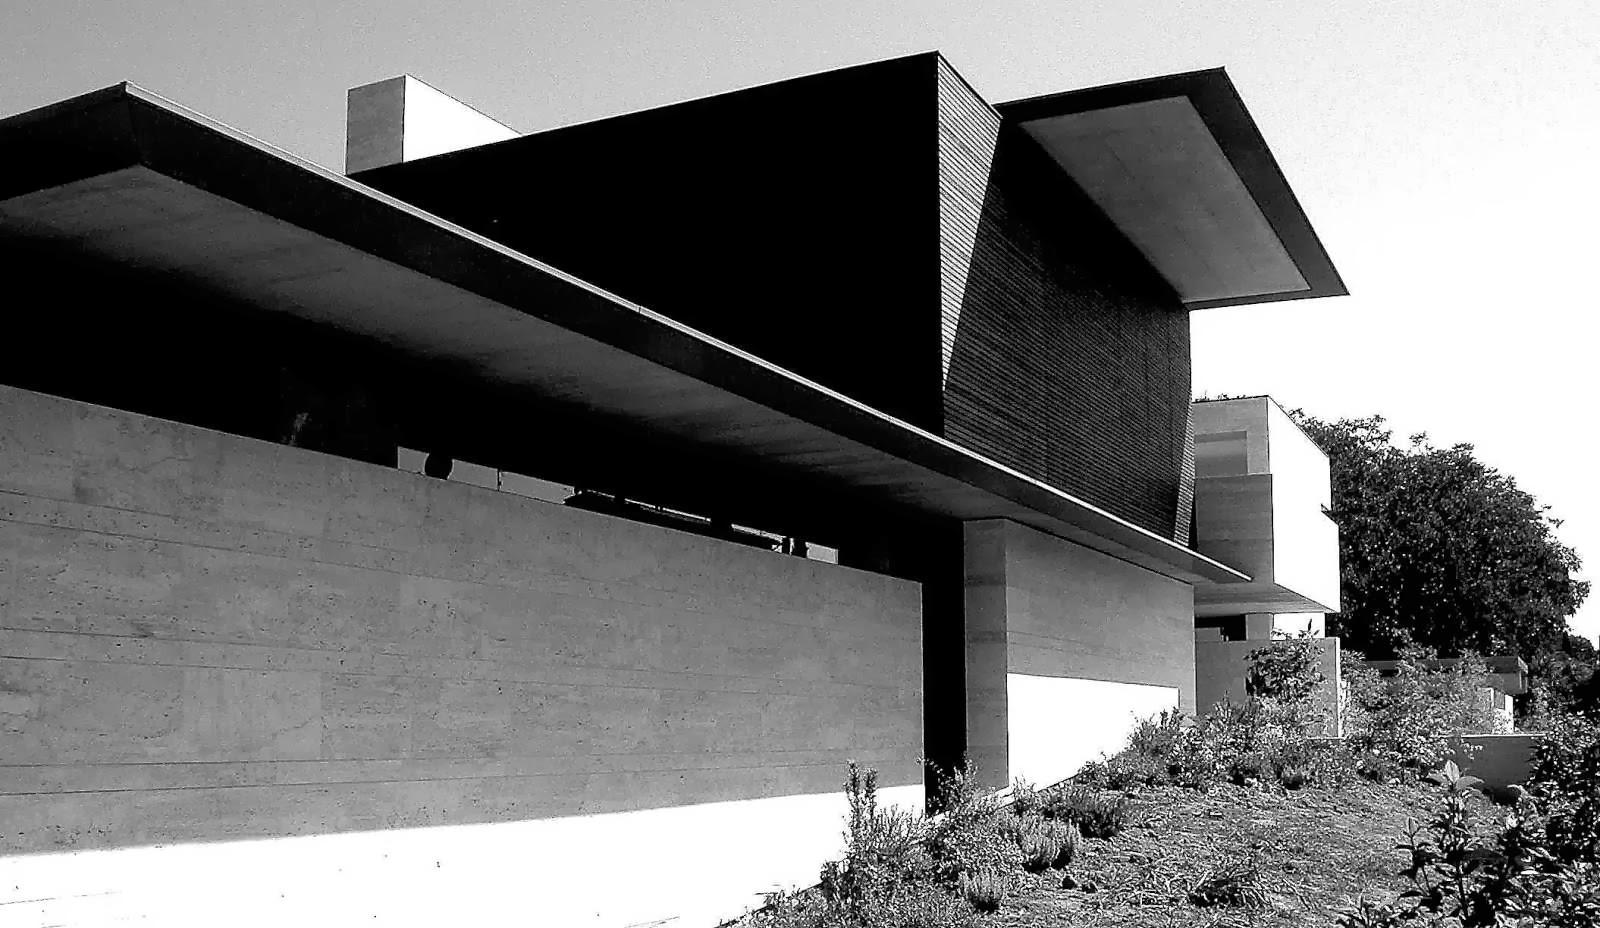 Arcfly casa r by architettura matassoni for Architettura di interni